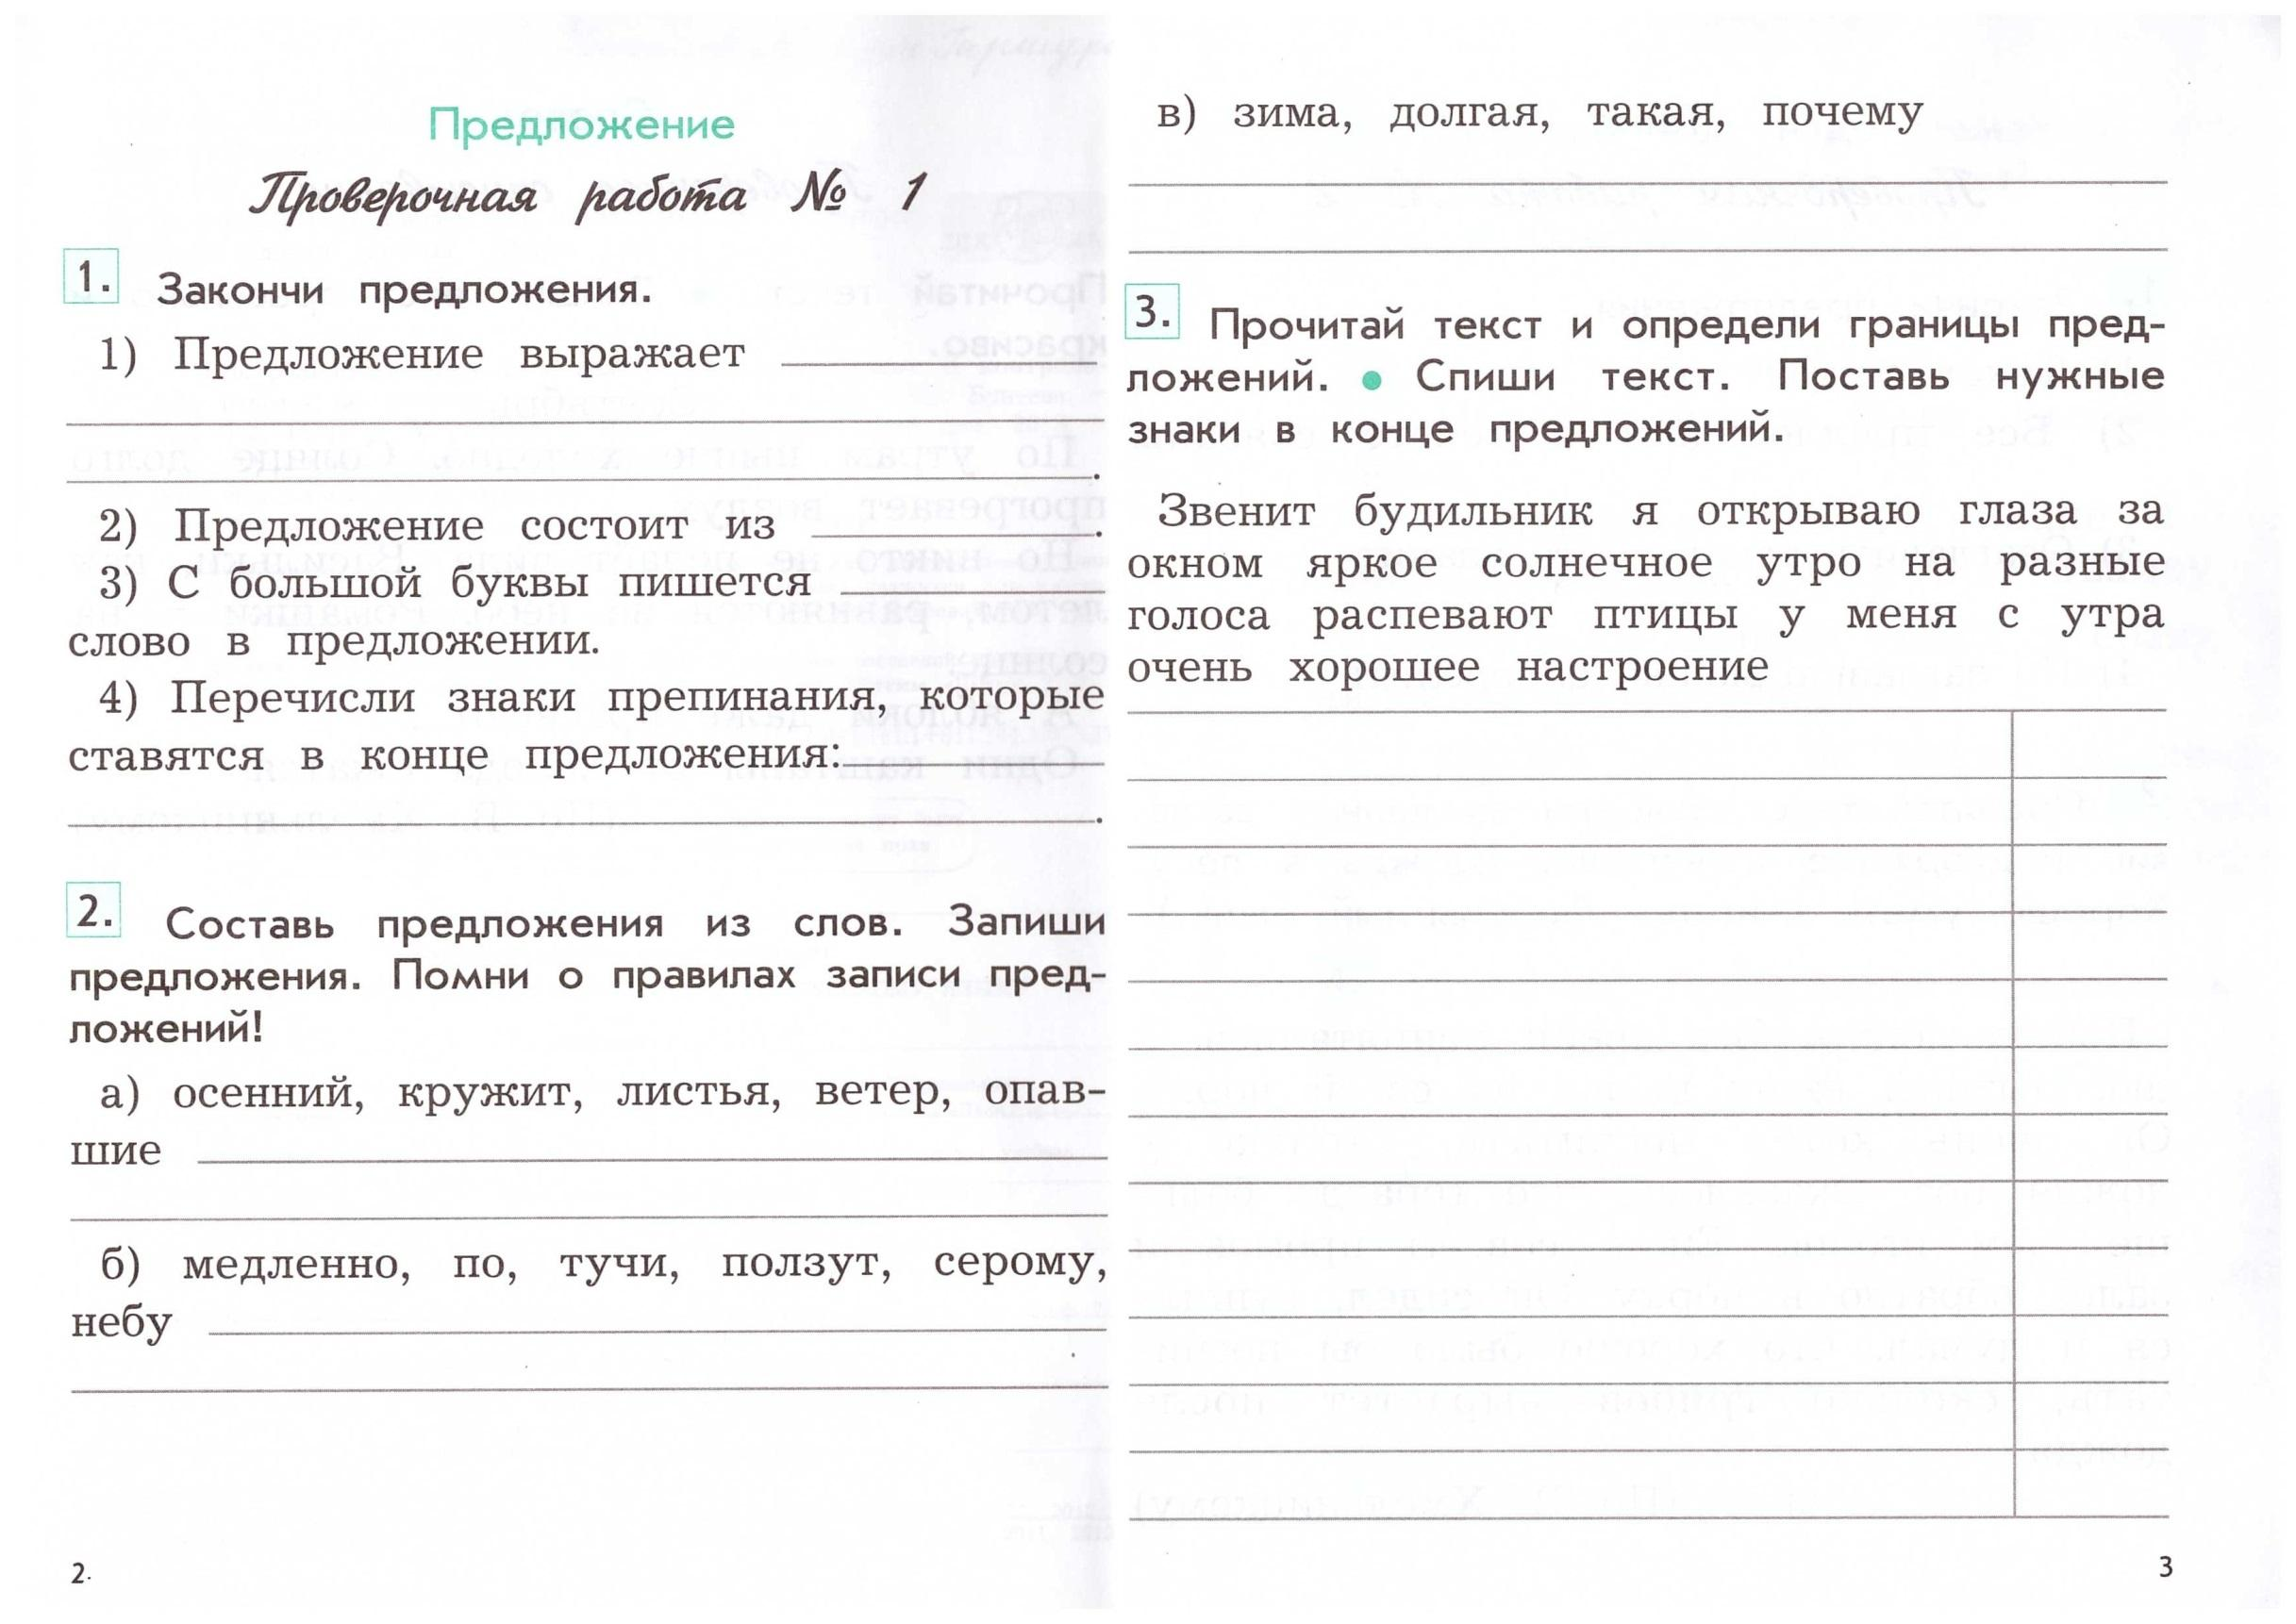 Контрольная работа и проверочные работы по русскому языку 1053